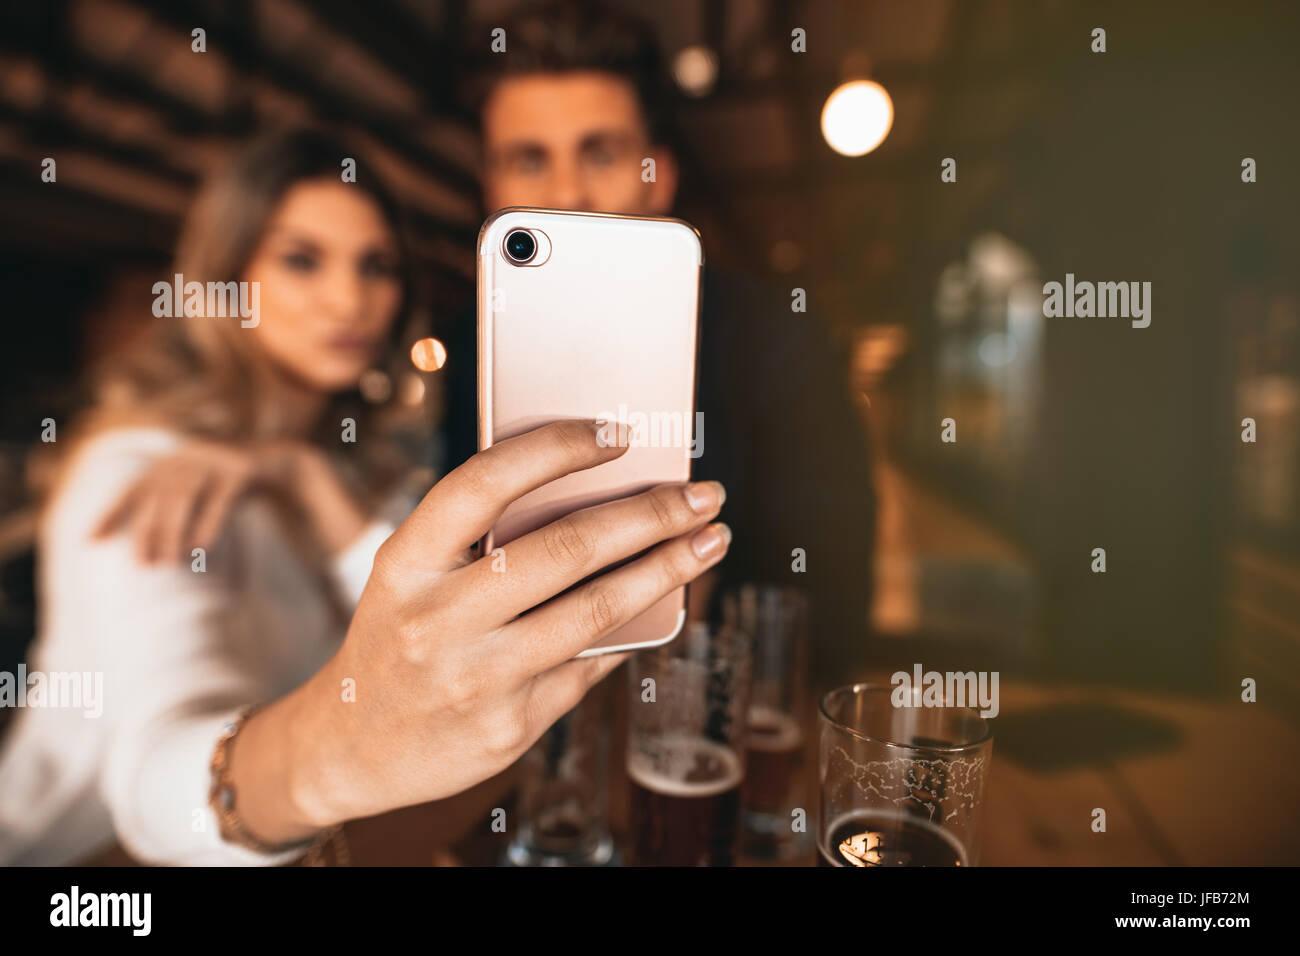 Cerca de la pareja sentada en el bar y tomar un selfie con smart phone. Se centran en un teléfono móvil Imagen De Stock